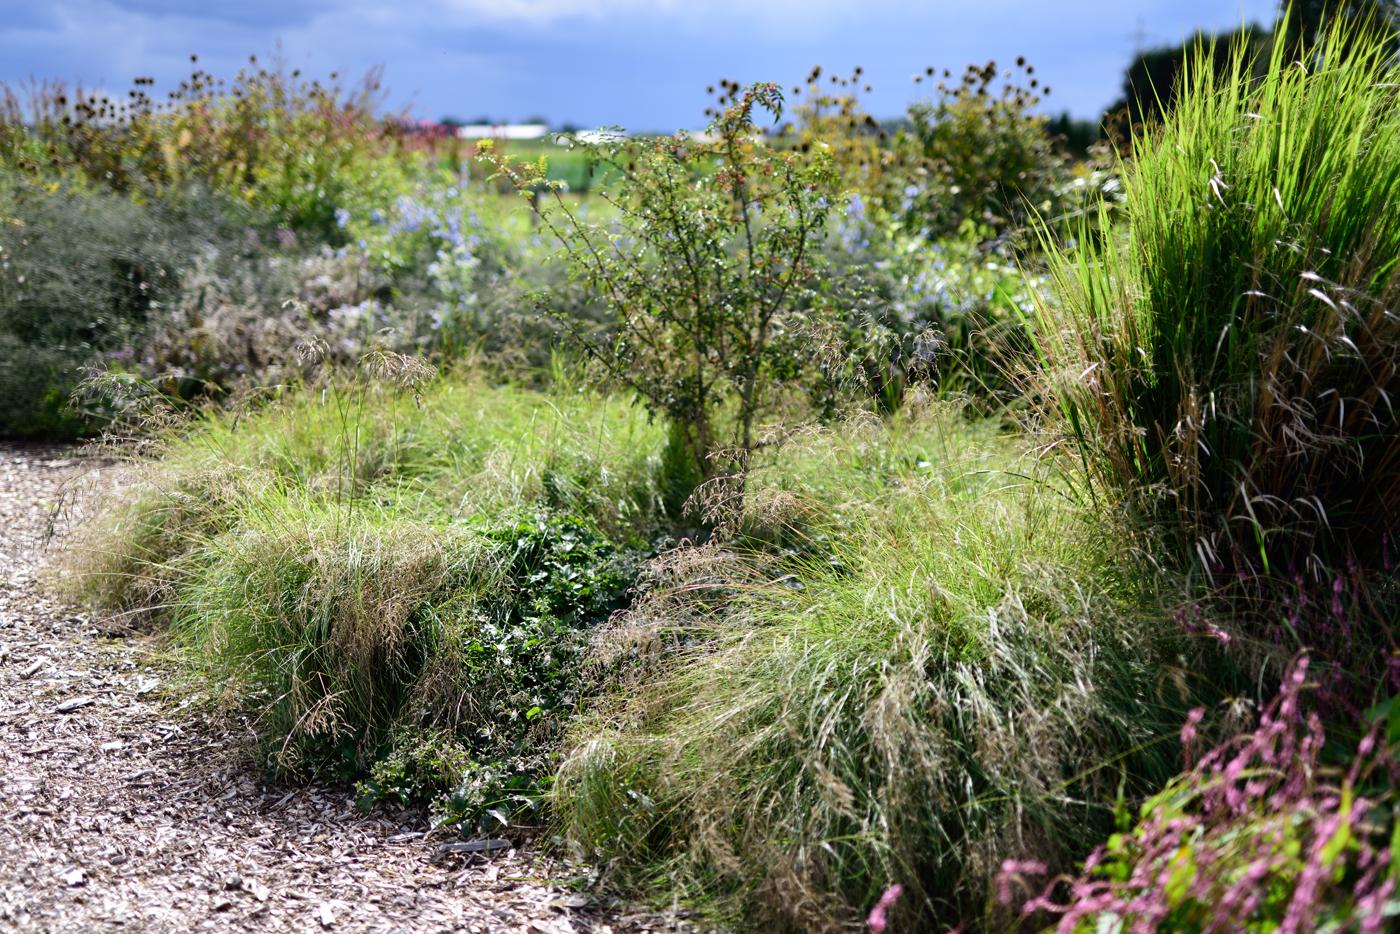 Eragrostis curvula mit Clematis x jouiniana 'Praecox', Panicum v. 'Northwind', Bistorta a. 'Rowden Gem' und Zanthoxylum armatum